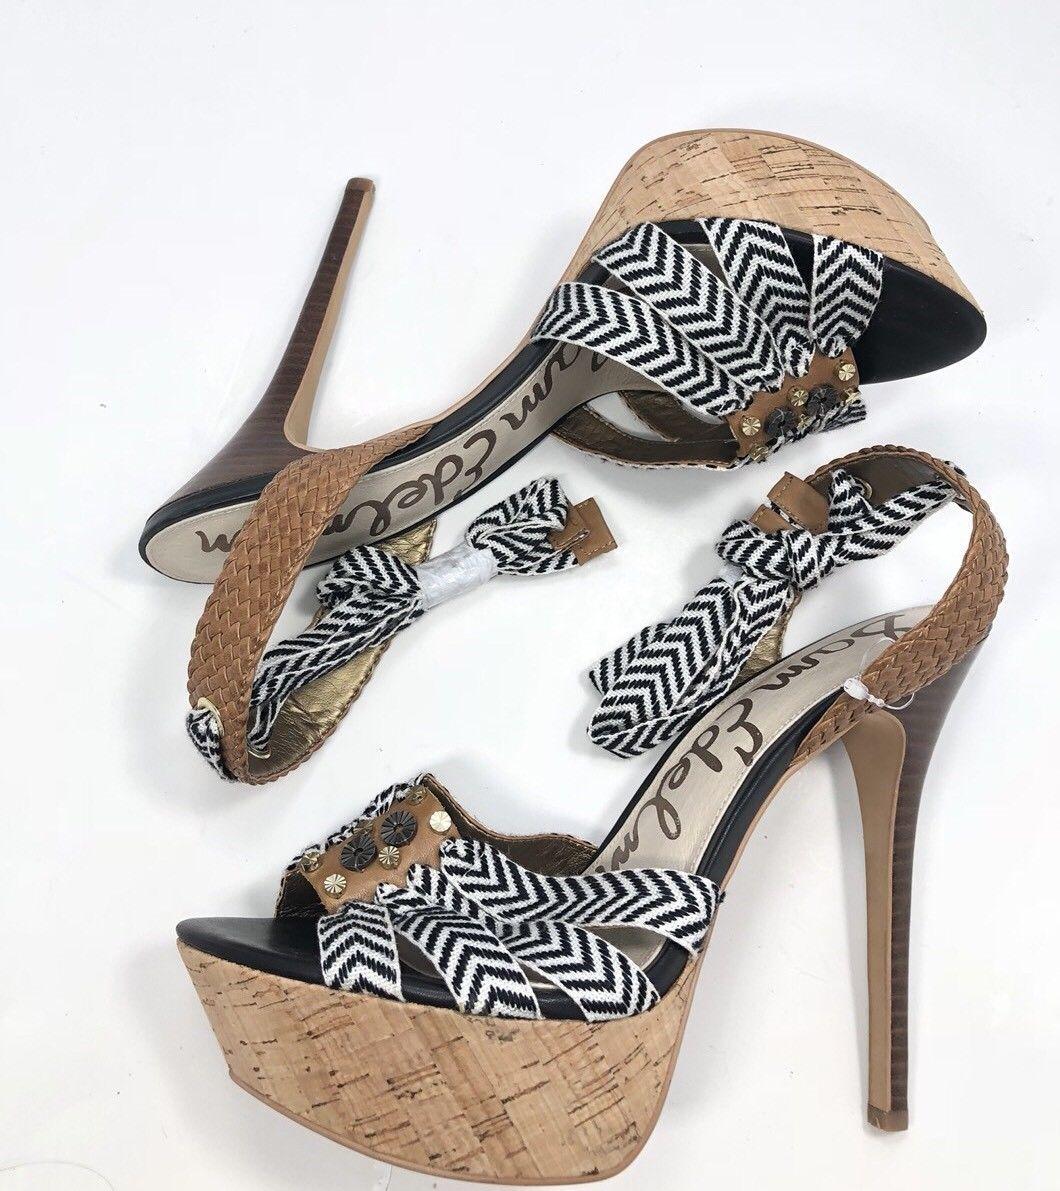 85172c99c SAM EDELMAN Mela Canvas Wrap Leather Platform Pumps Sandal Size 9